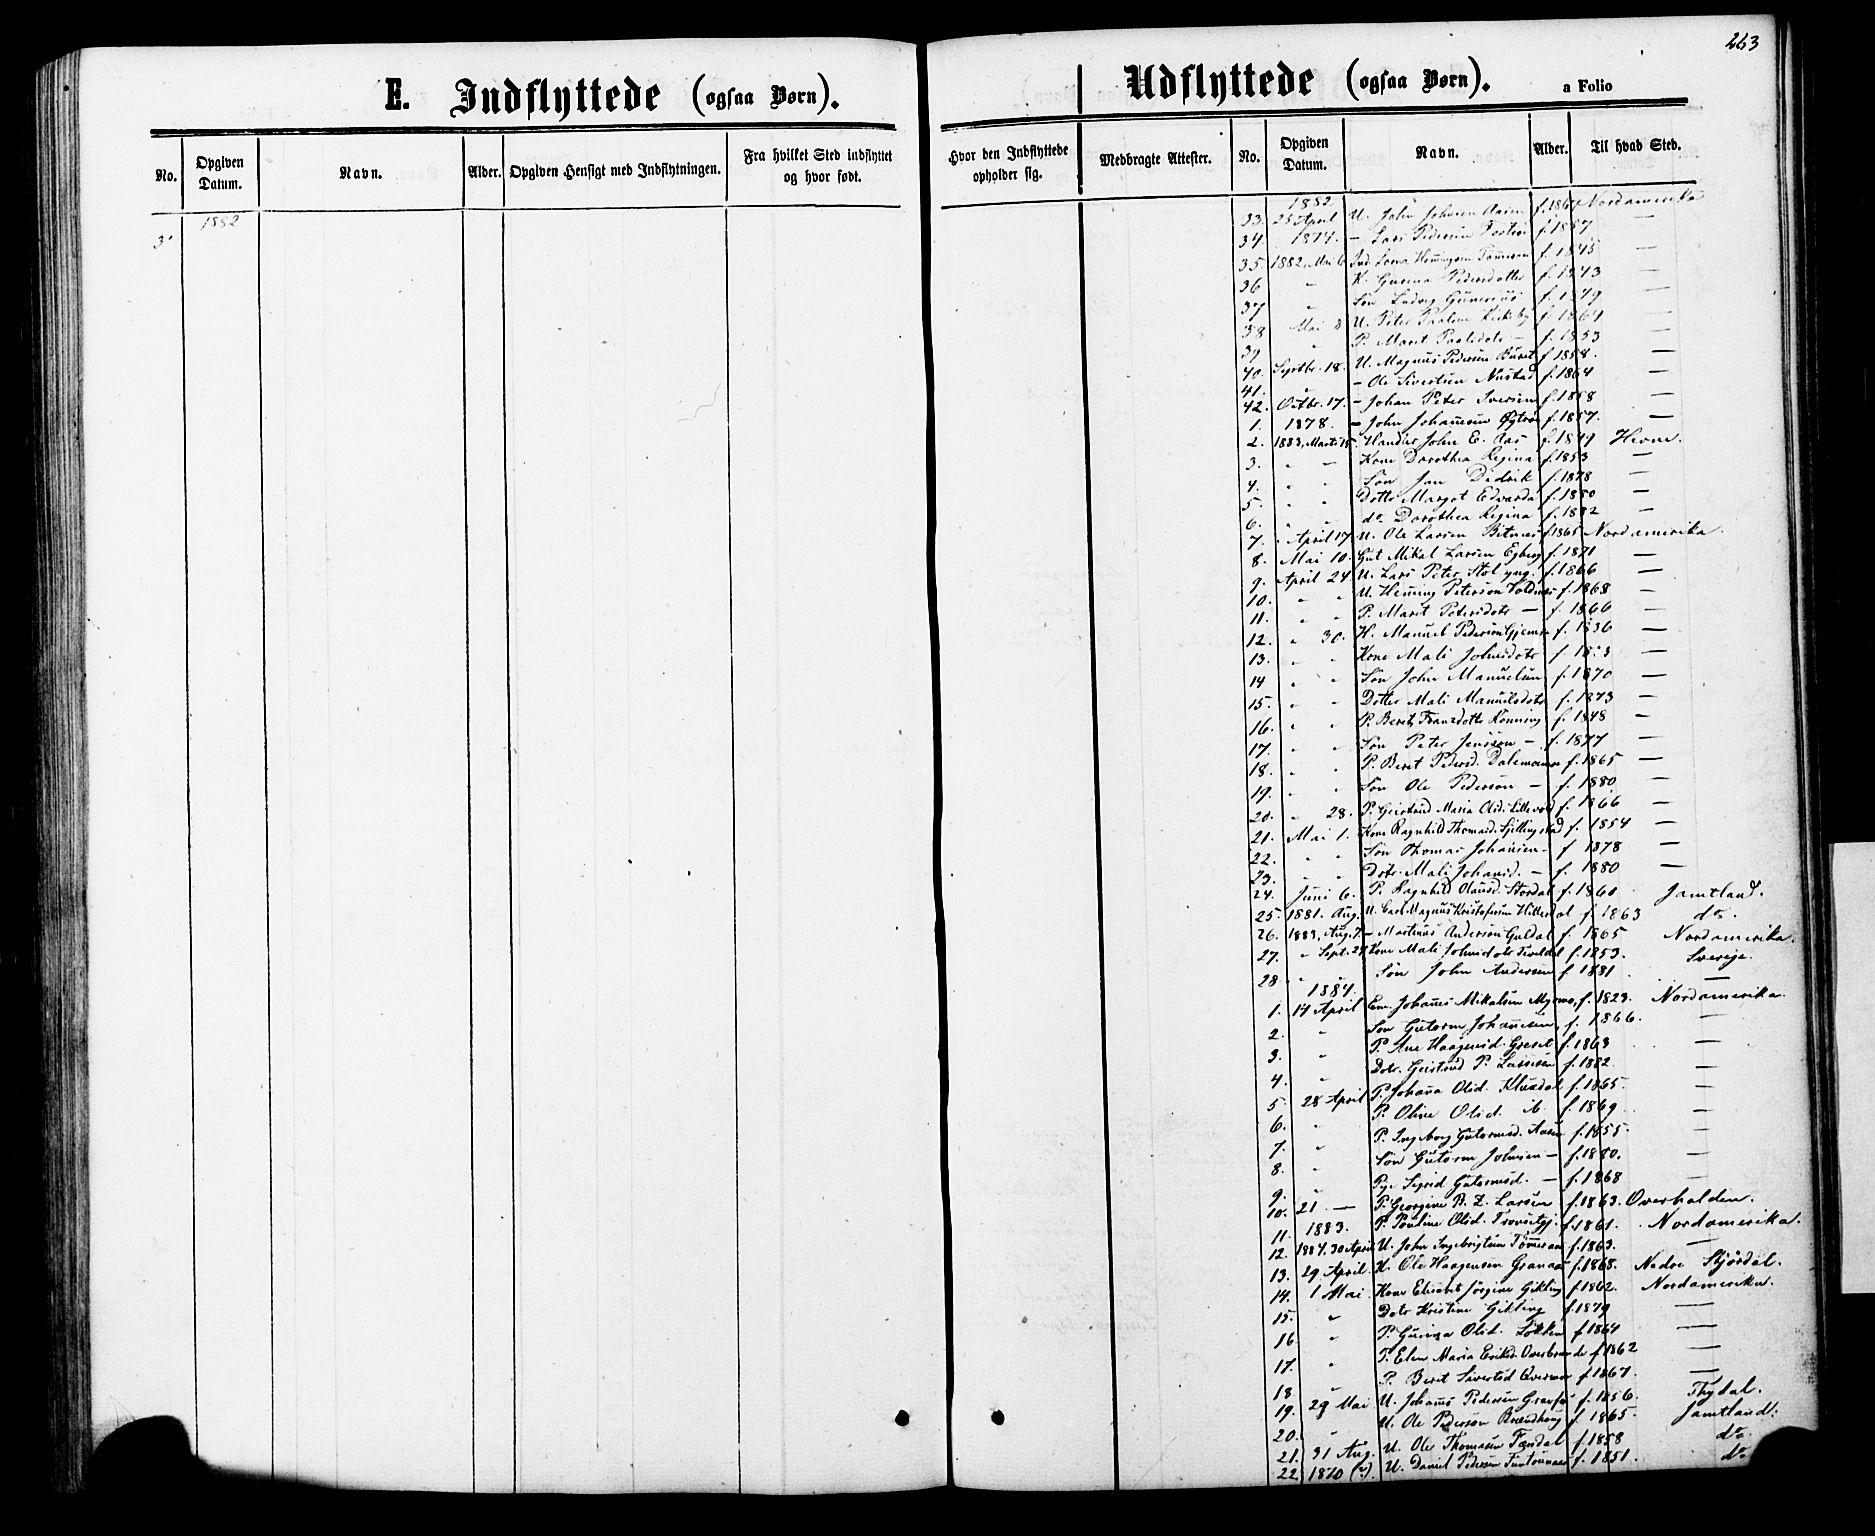 SAT, Ministerialprotokoller, klokkerbøker og fødselsregistre - Nord-Trøndelag, 706/L0049: Parish register (copy) no. 706C01, 1864-1895, p. 263